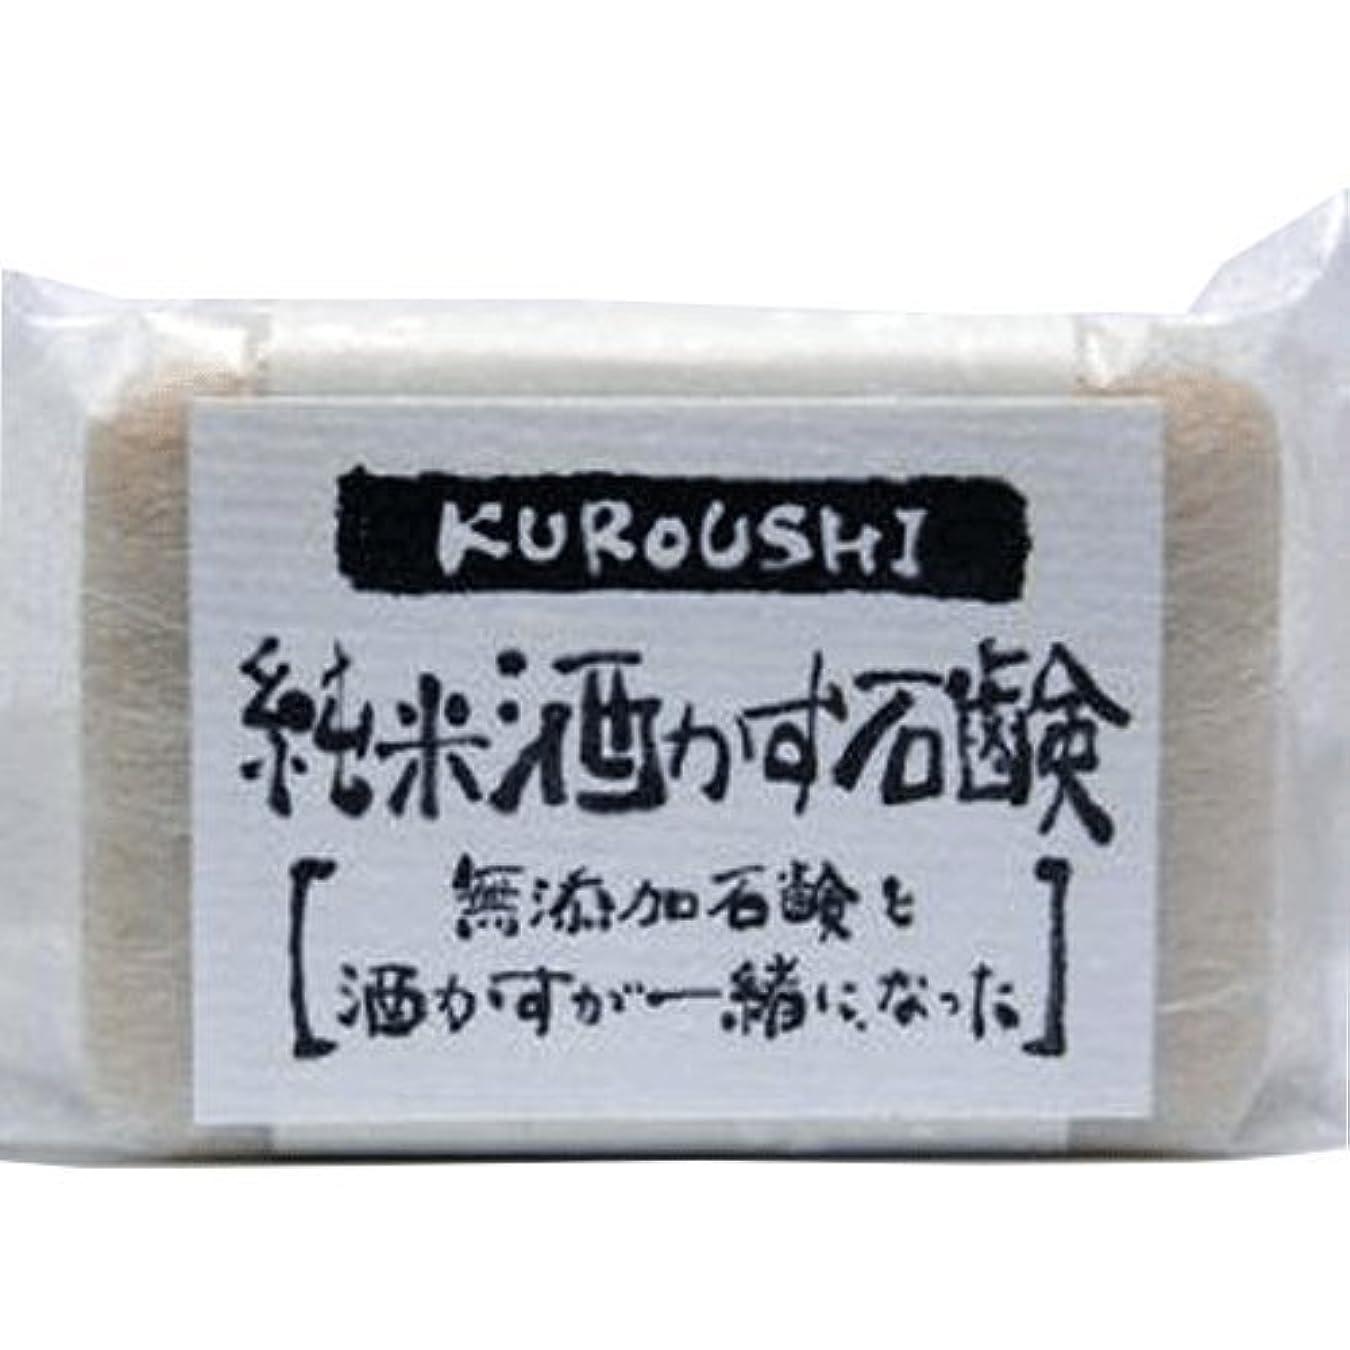 極貧個人思想KUROUSHI 純米酒かす 無添加石鹸(せっけん) 120g 6個セット